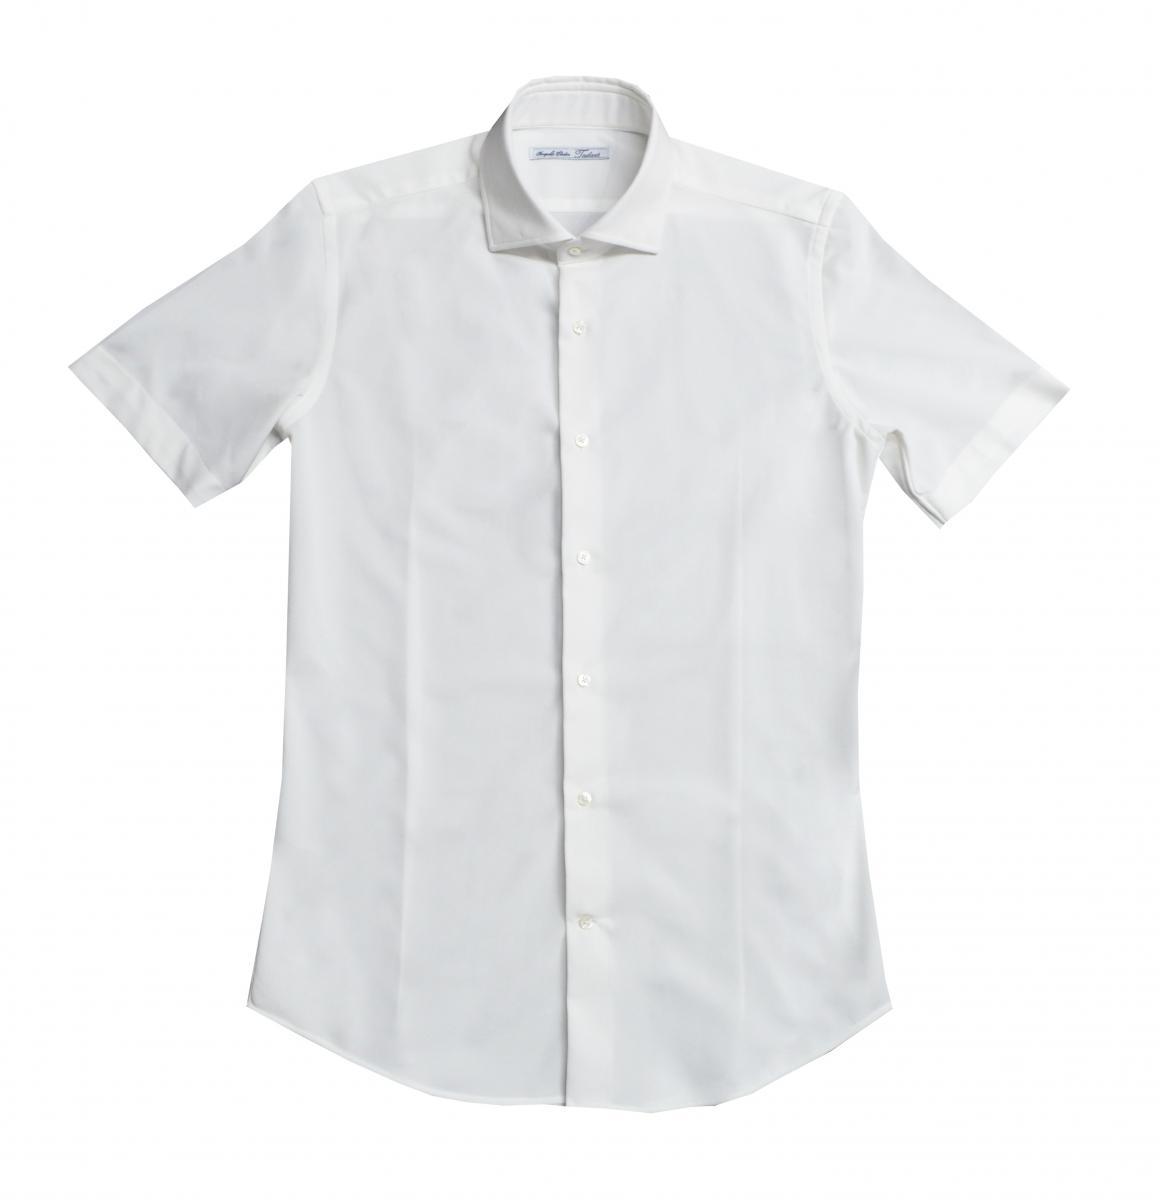 [オーダーシャツ]ホワイトニット素材で快適なビジネスライフを